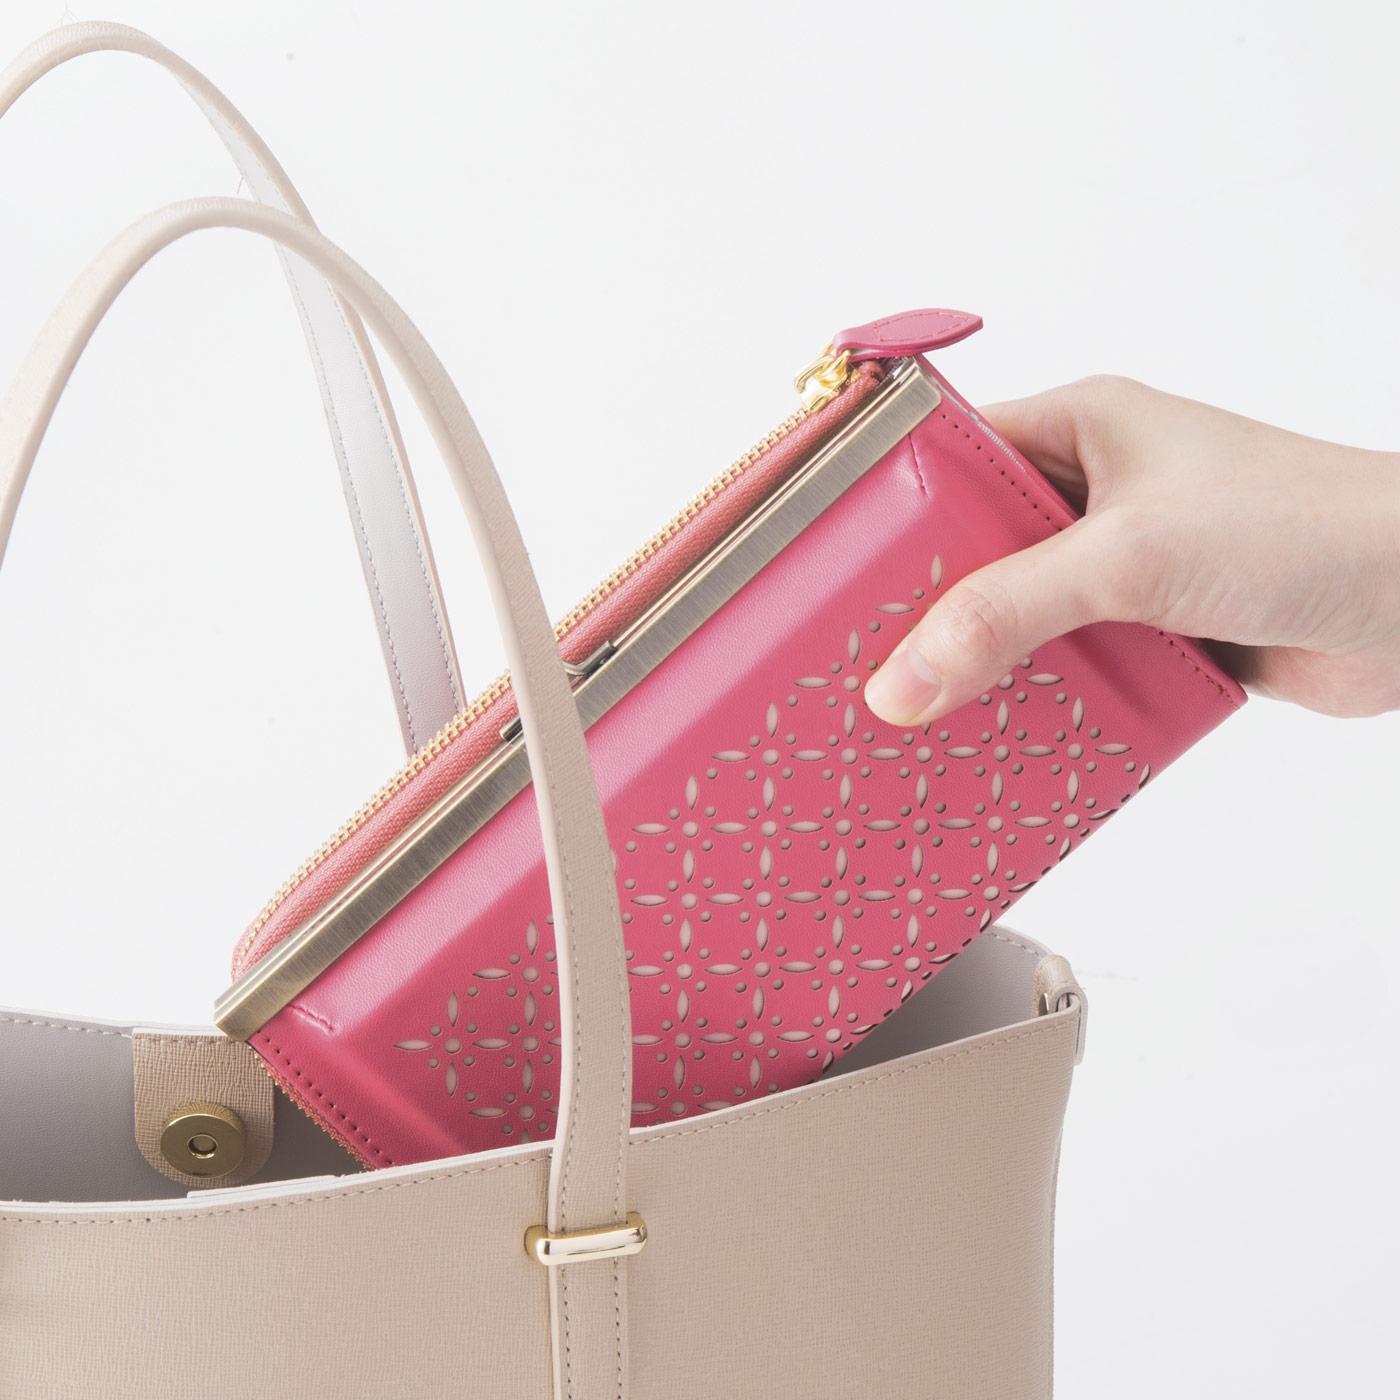 クラッチバッグみたいな上品なデザイン。